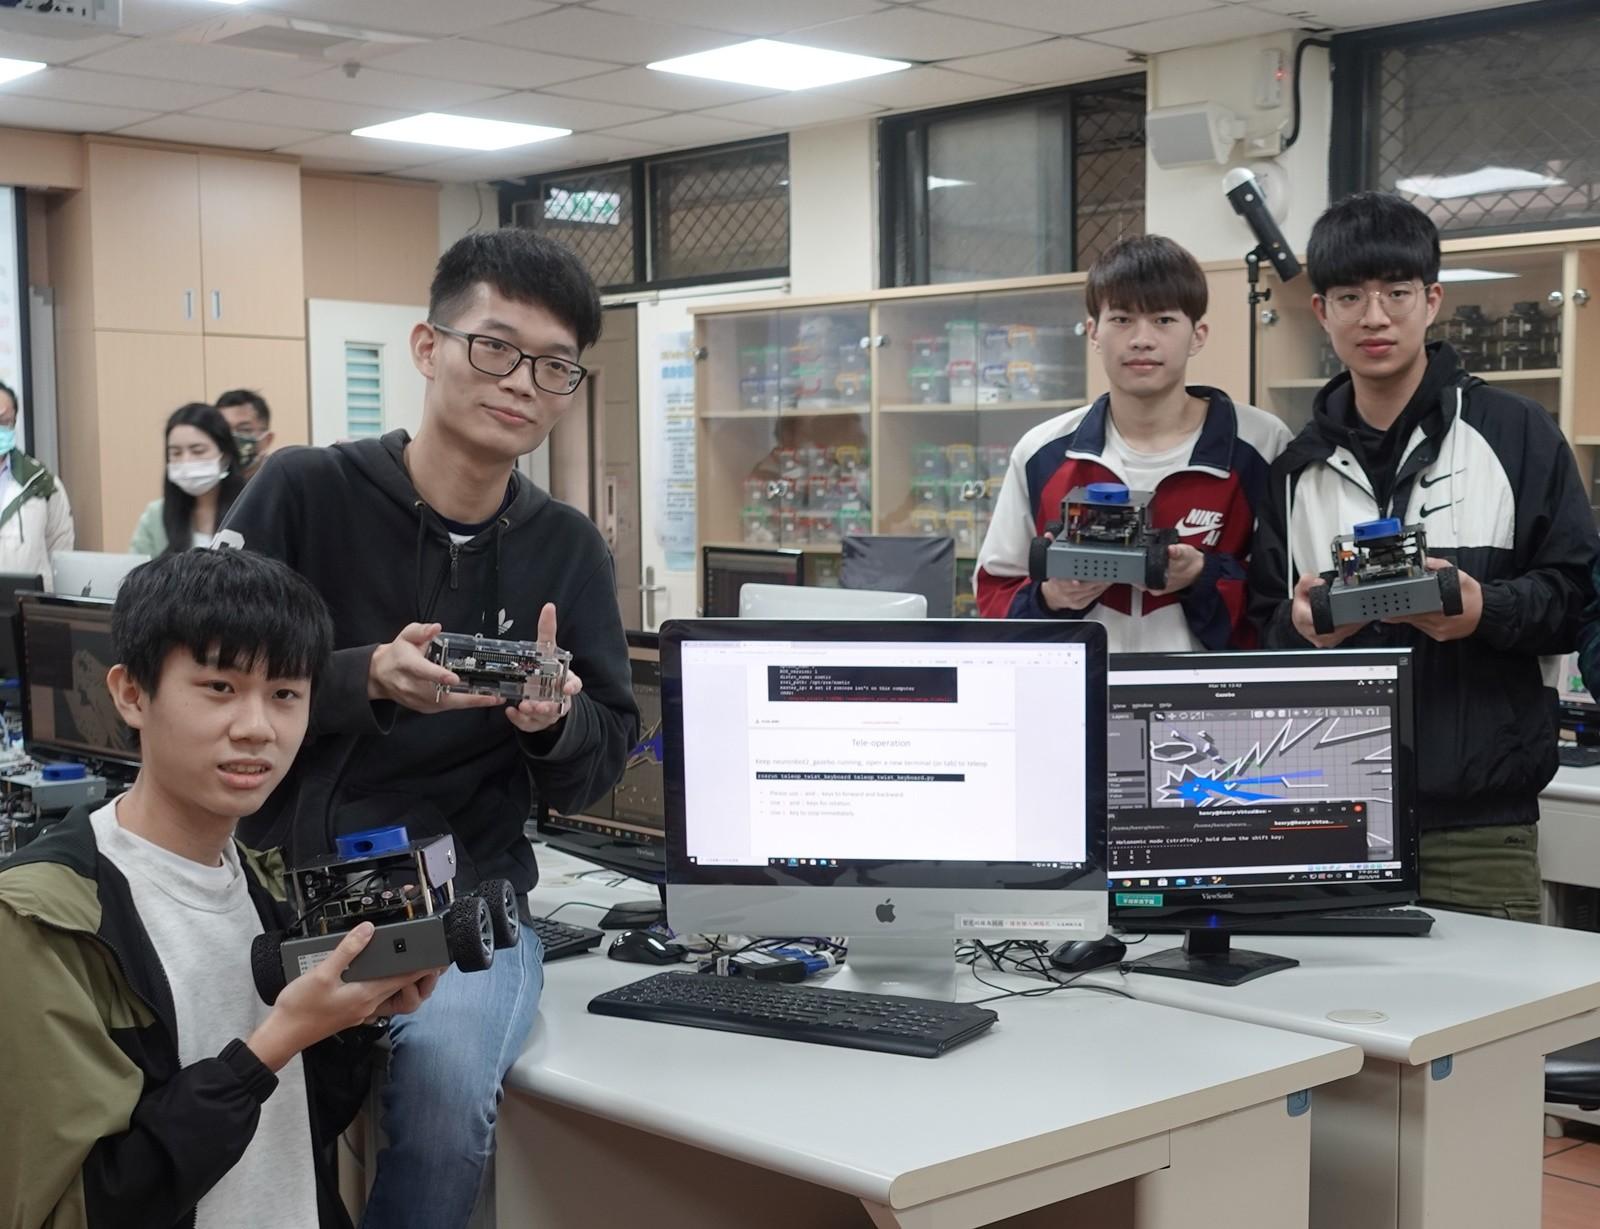 中原大學積極扎根資訊科技教育,資訊系打造全台第一個AI機器人5G專網實驗室。.jpg